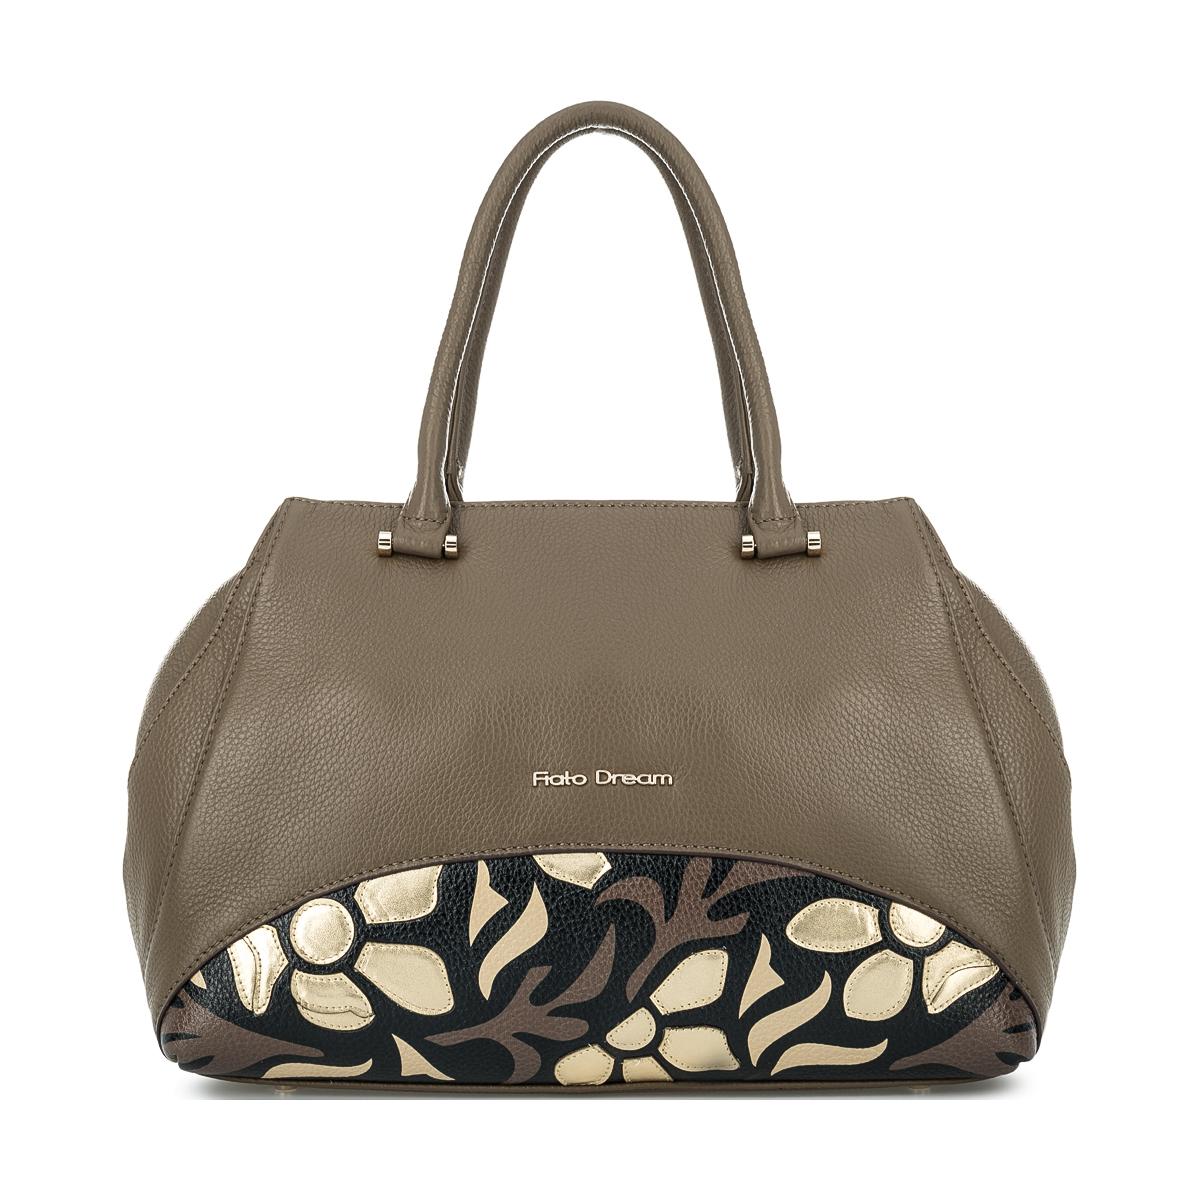 1011 FD кожа /фиори таупе (сумка женская)